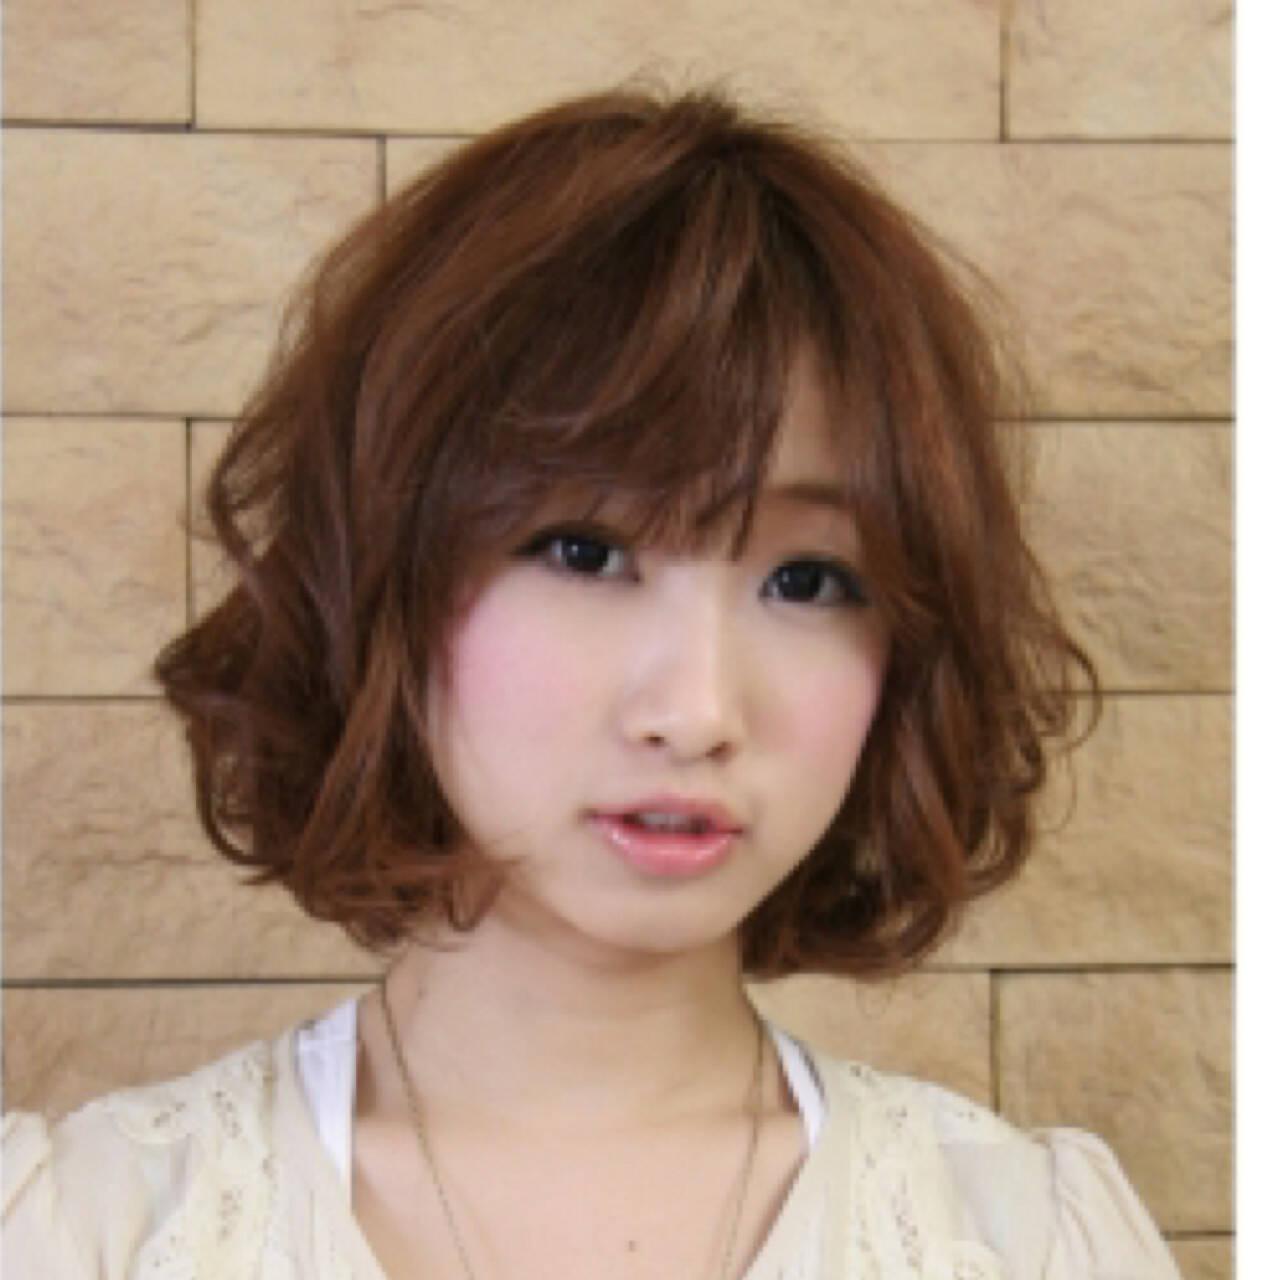 ナチュラル ピュア かわいい ボブヘアスタイルや髪型の写真・画像